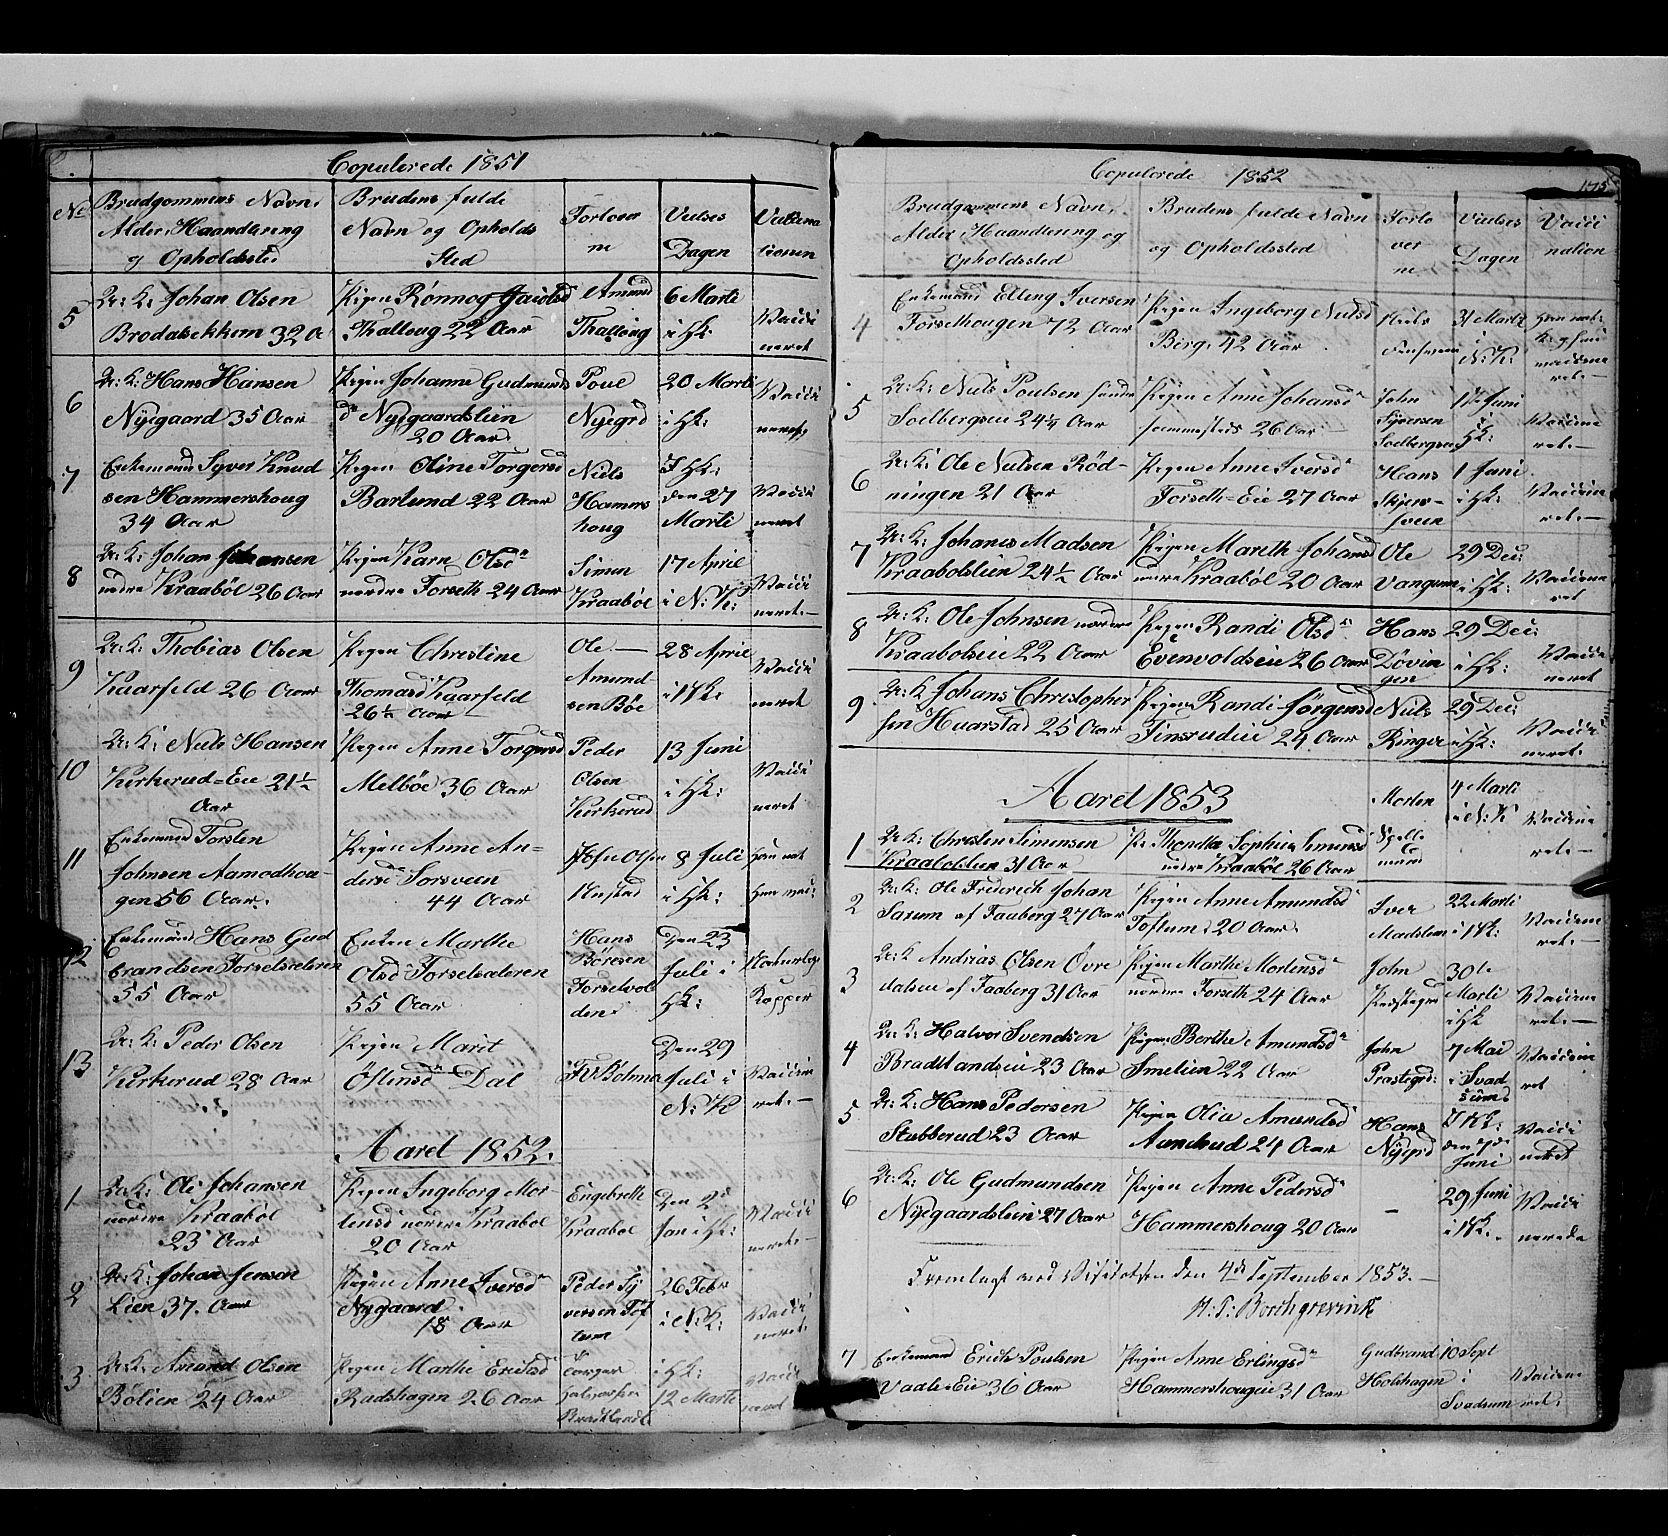 SAH, Gausdal prestekontor, Klokkerbok nr. 5, 1846-1867, s. 175